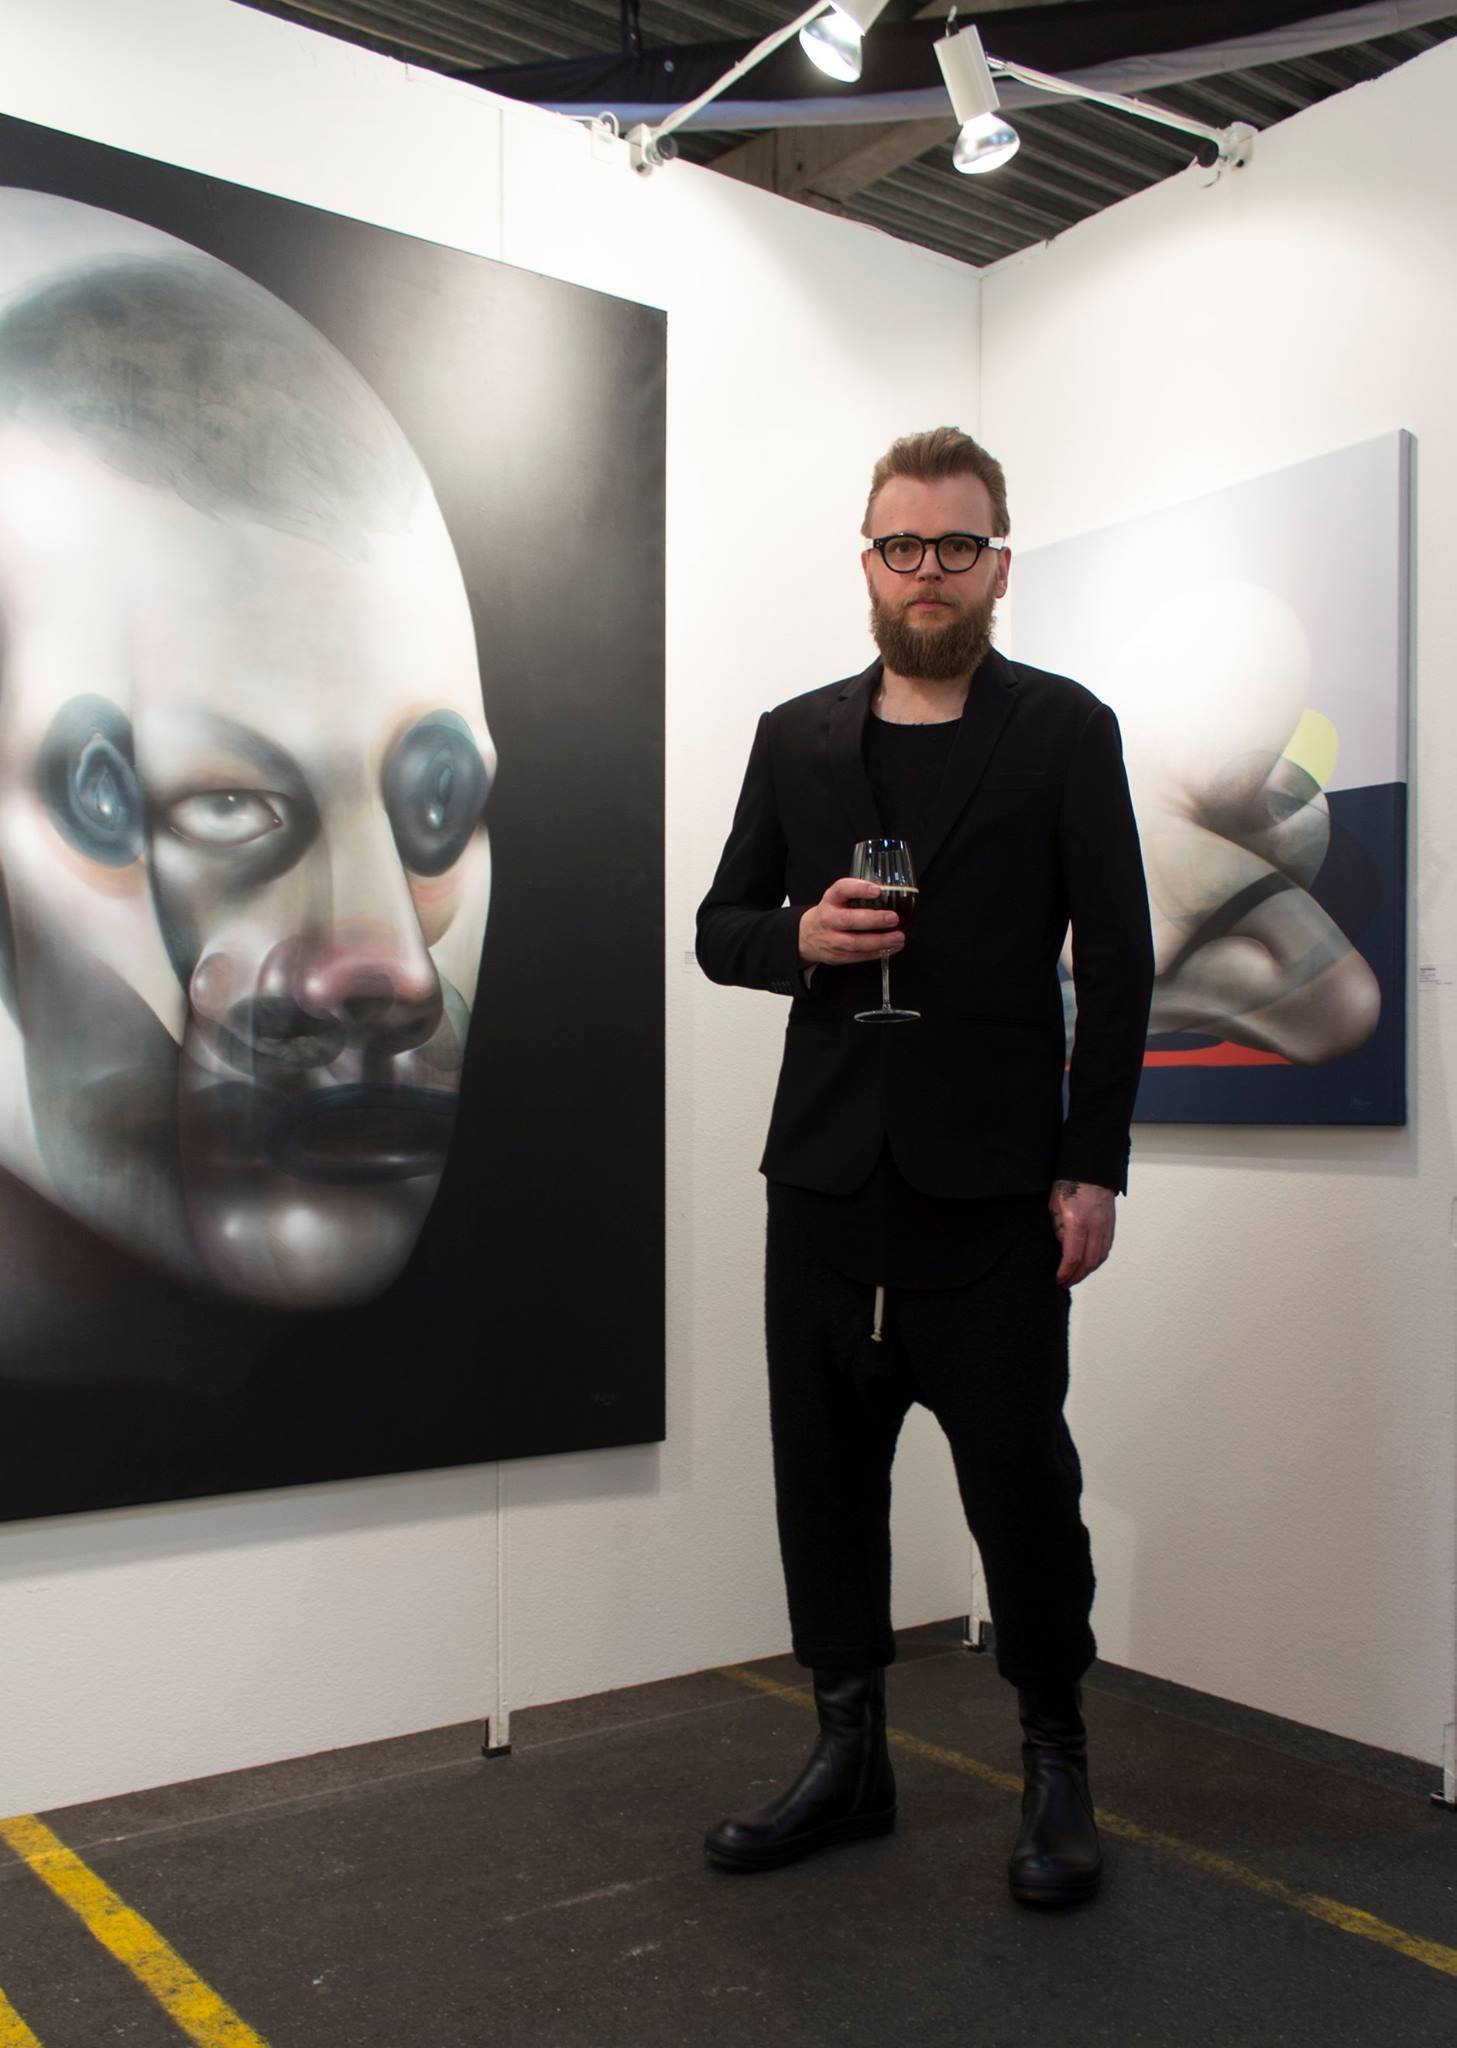 Cheers NORTH2017 Art Fair! Supe - reuss | ello